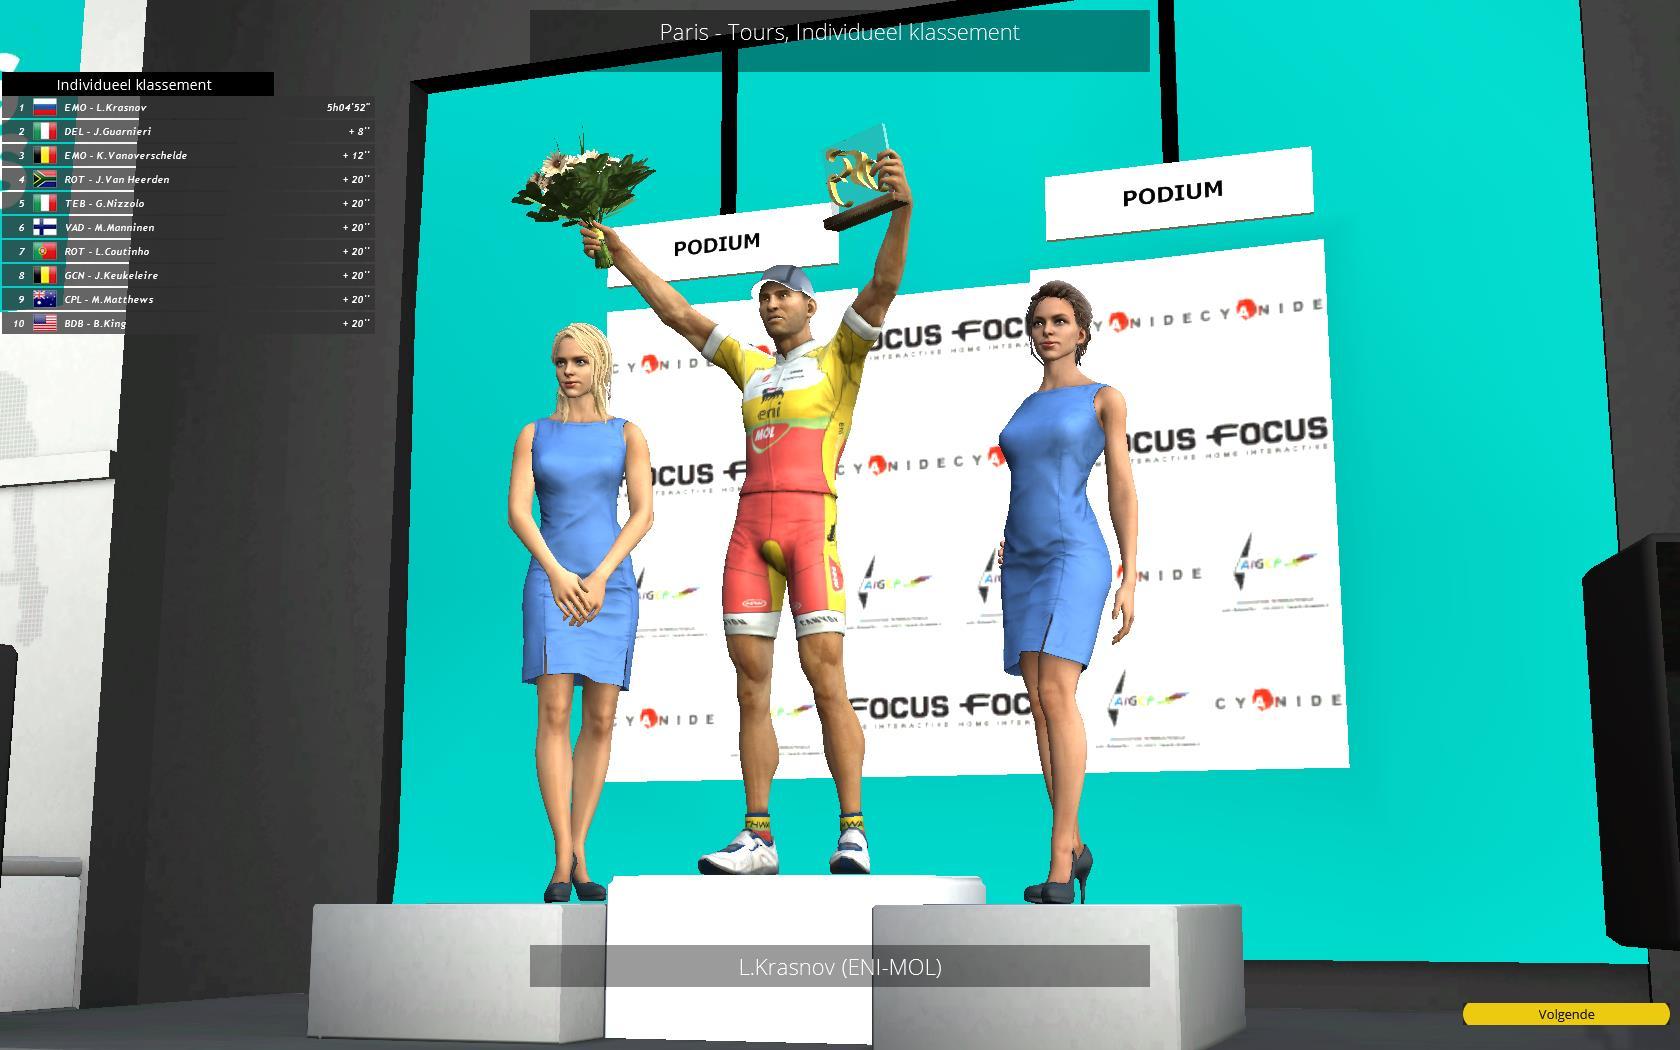 pcmdaily.com/images/mg/2018/Races/C2HC/ParisTours/PCM0026.jpg